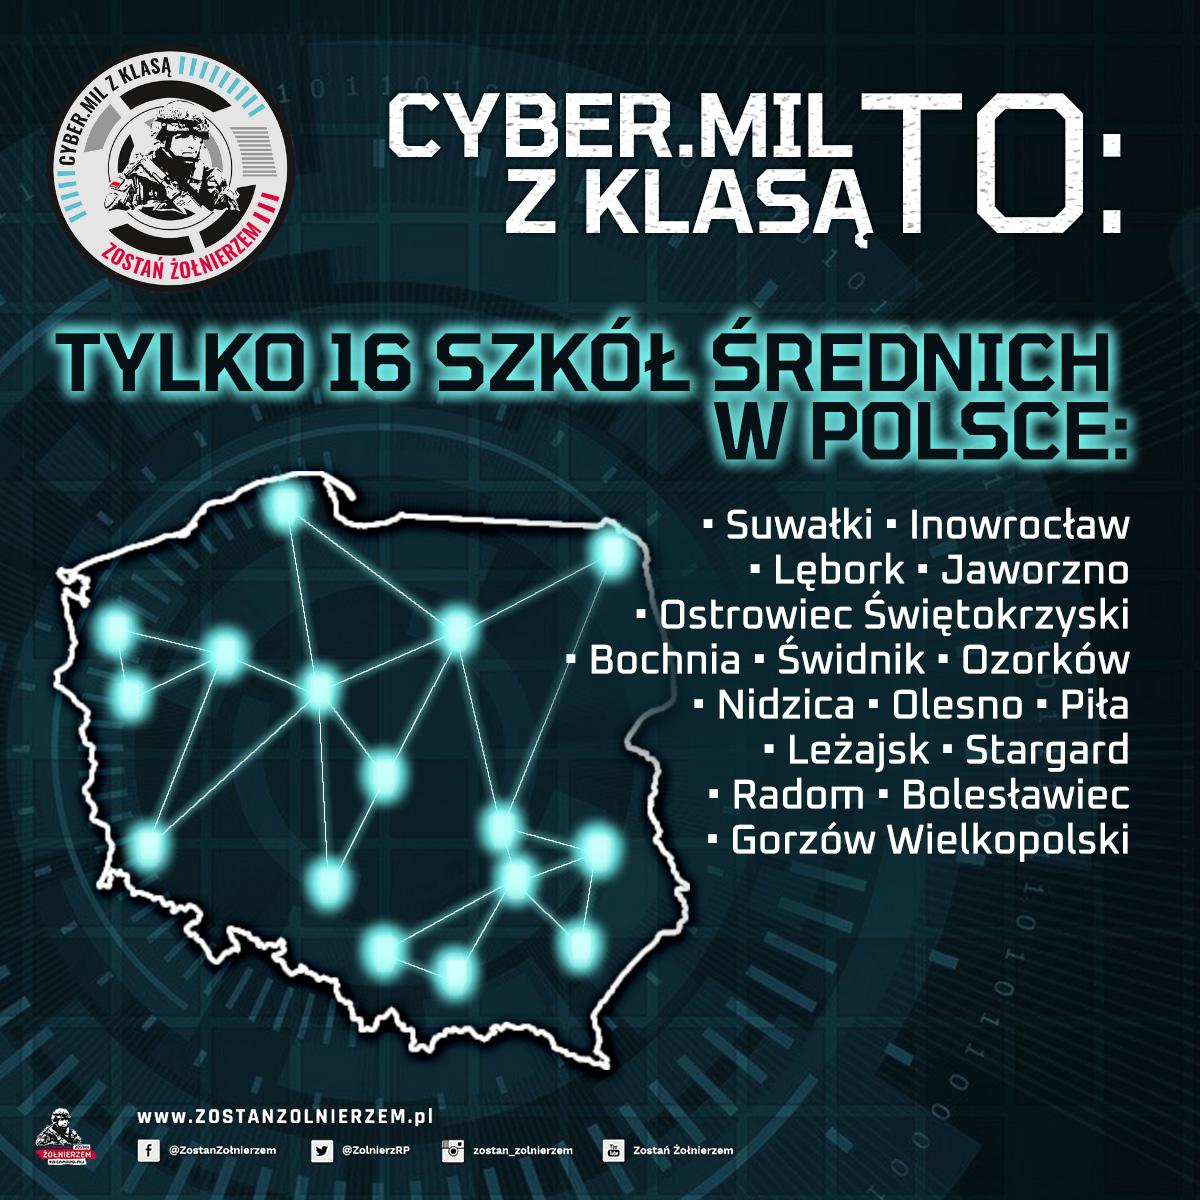 Cyberbezpieczeństwo -16 szkół średnich rozpocznie program pilotażowy pod patronatem MON